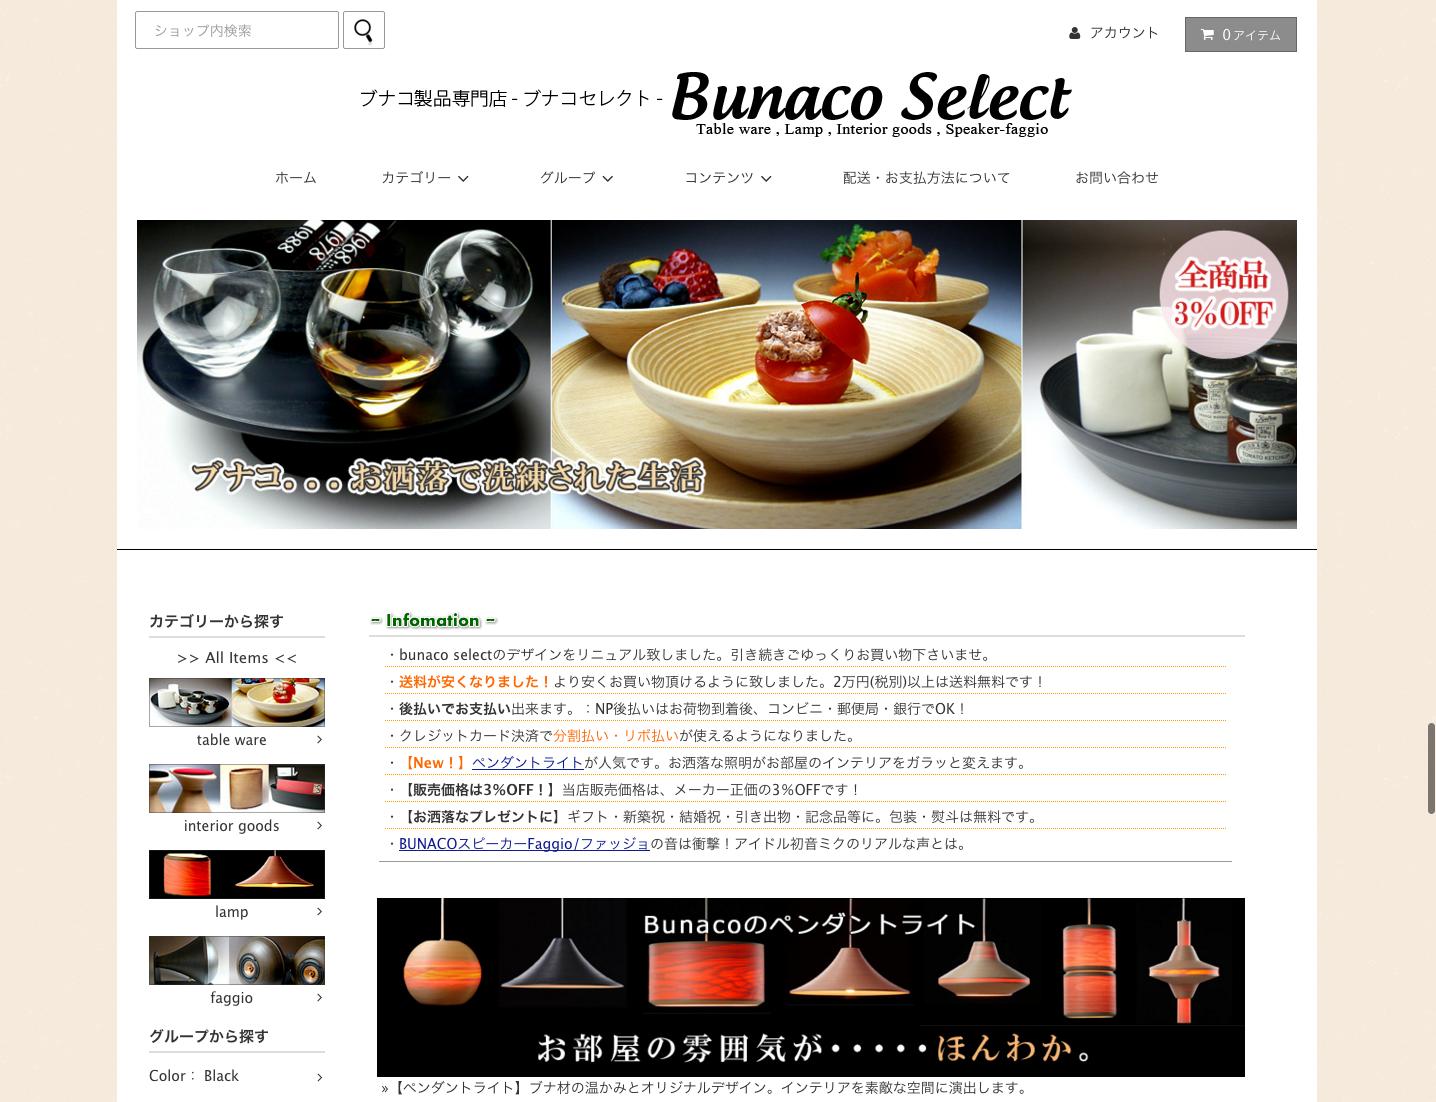 青森の木工ブランド BUNACOの通販サイトトップページです。